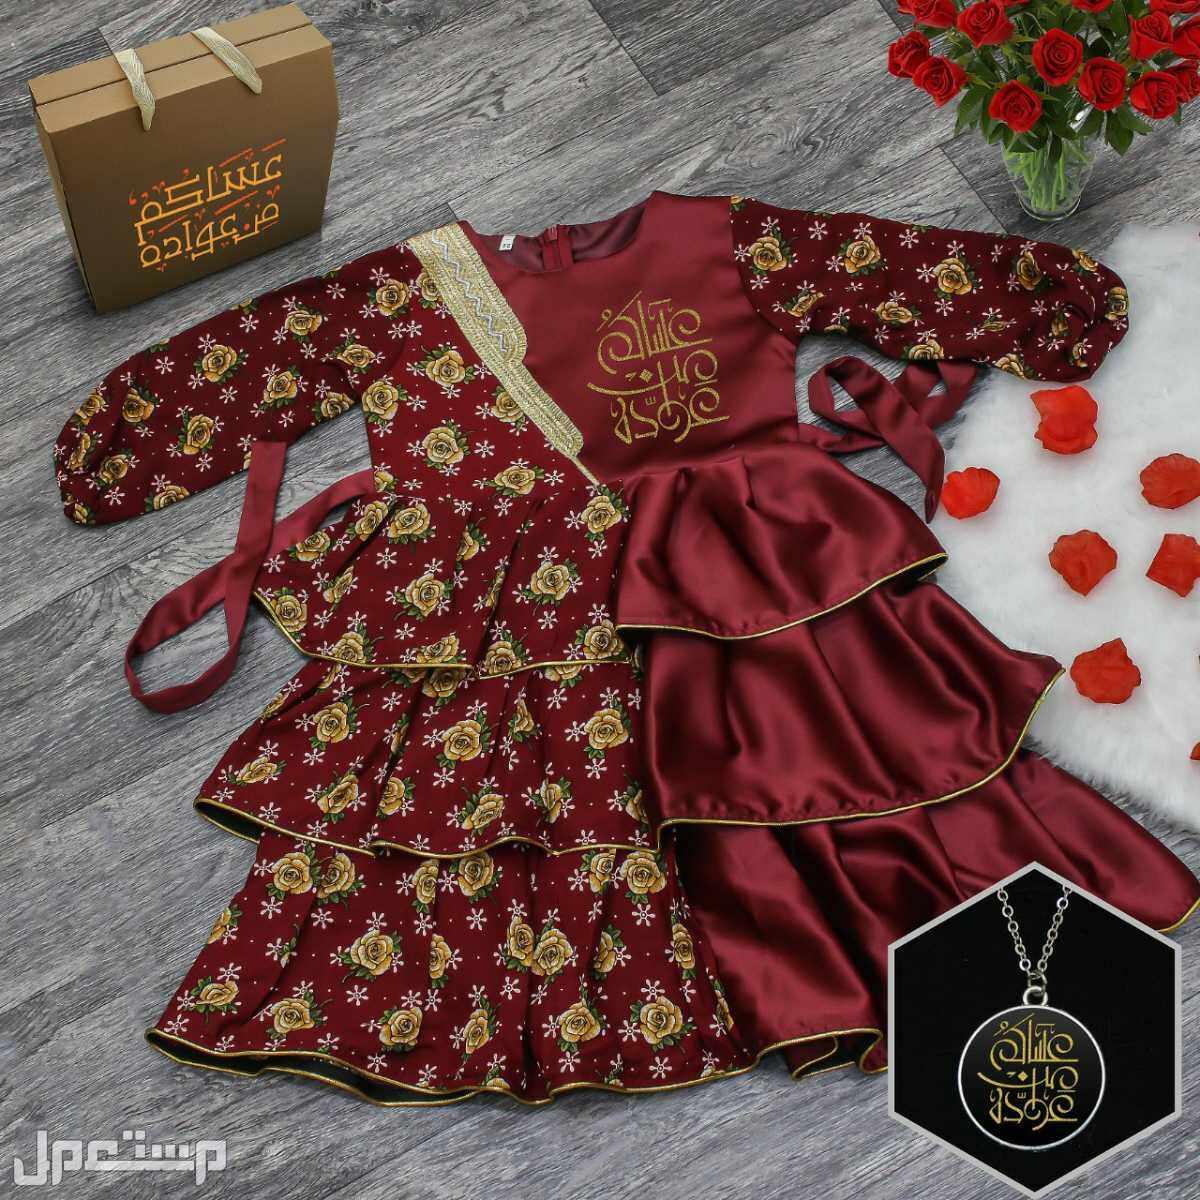 ملابس اطفال # فستان بناتي بالاسم